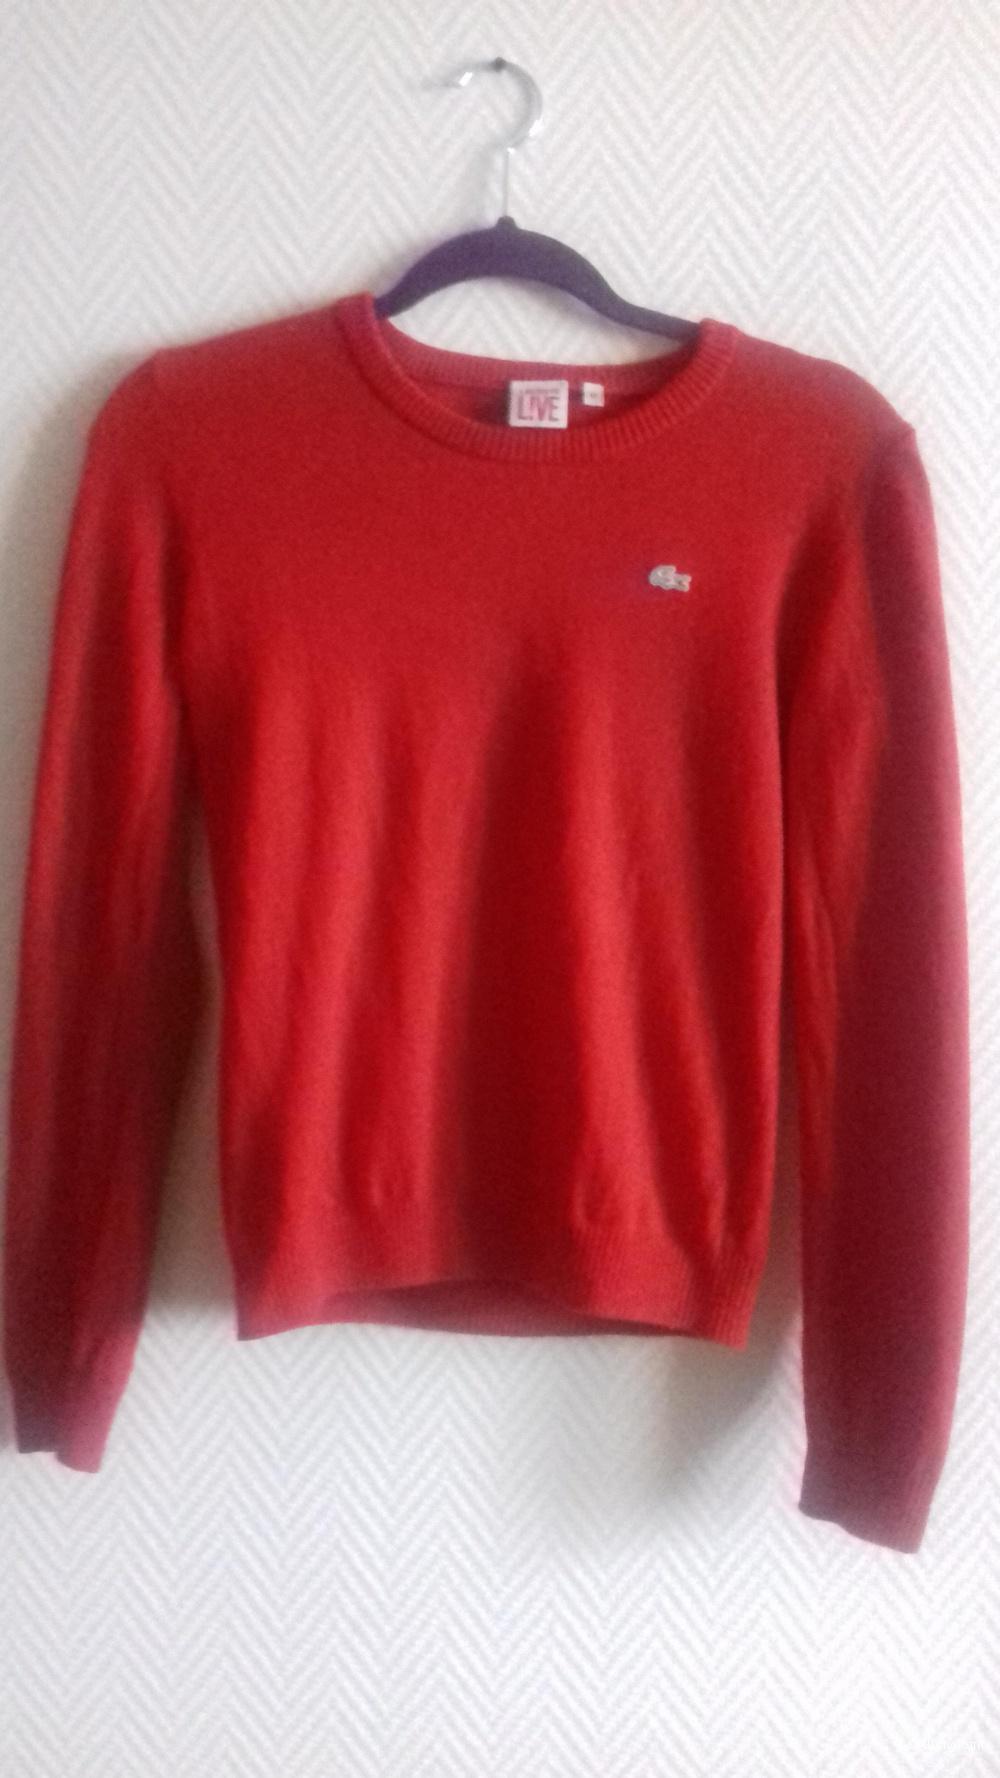 Пуловер Lacoste, 44 размер